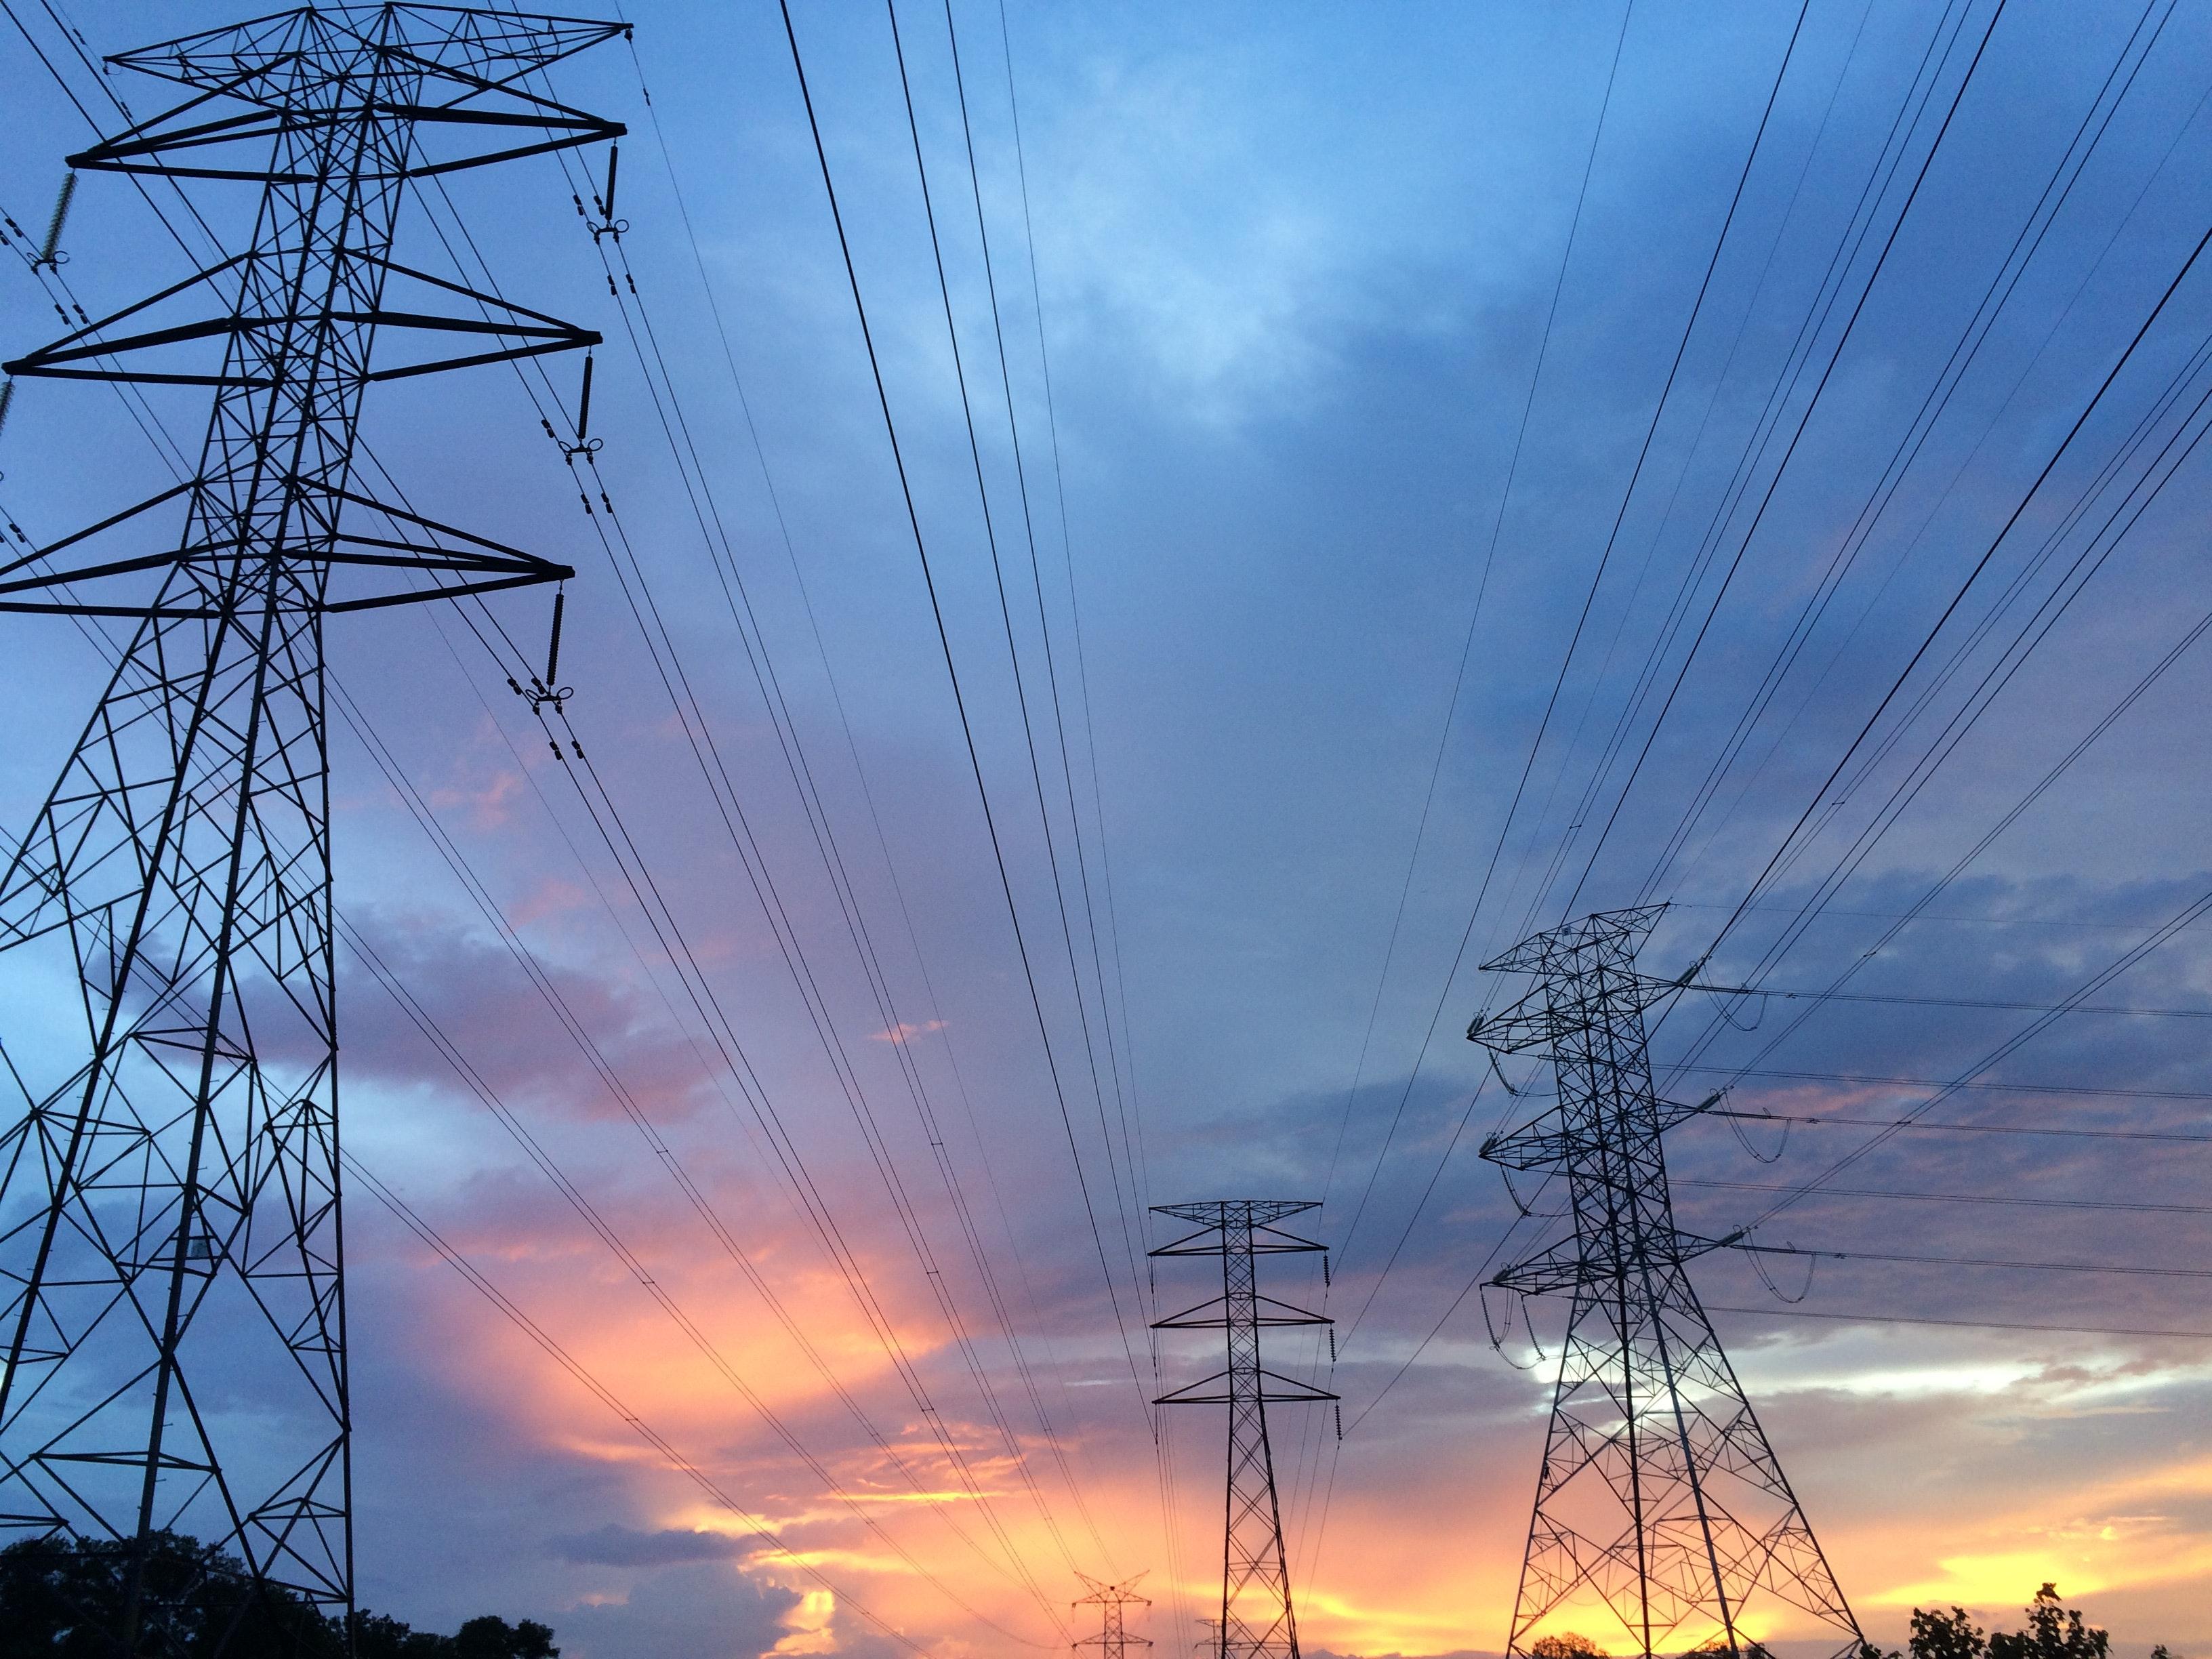 Hoeveel energie gebruiken we gemiddeld?